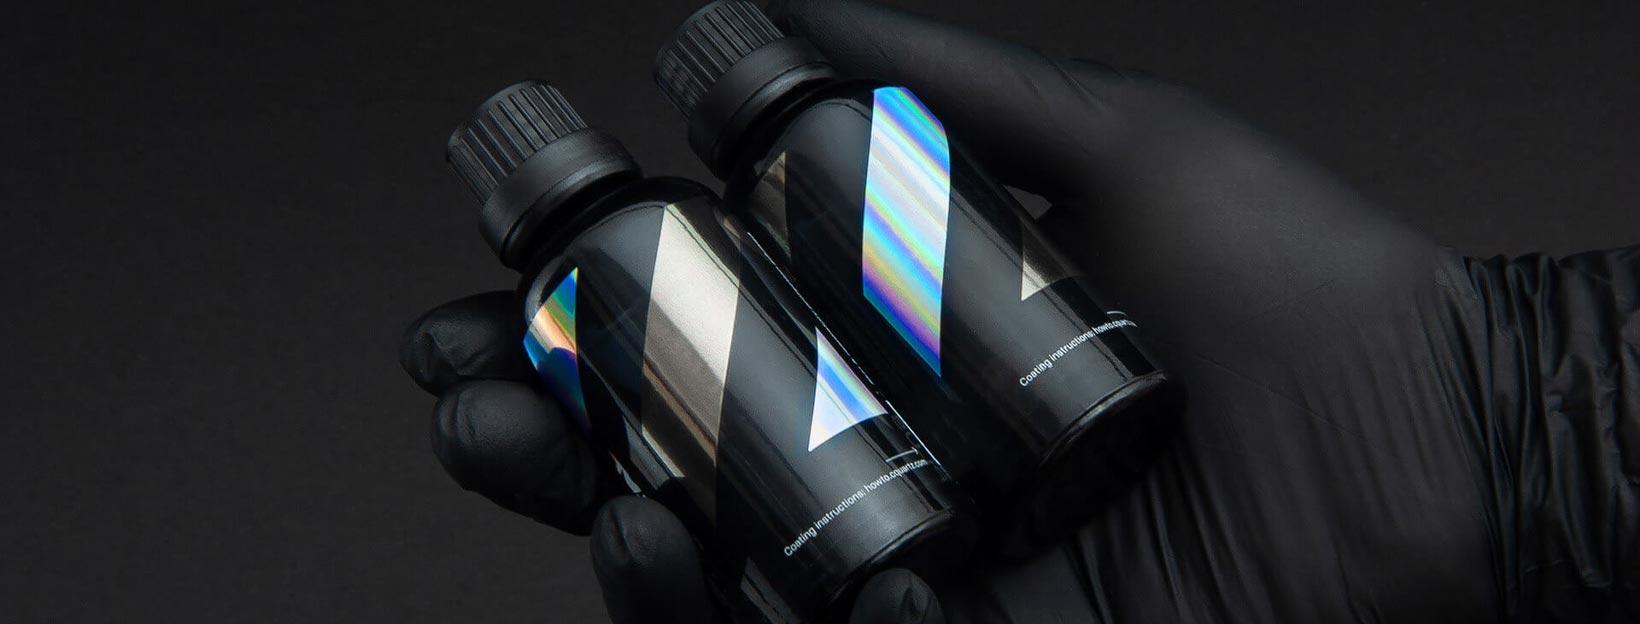 CQuartz Finest Reserve and CQuartz Ceramic Professional coatings.